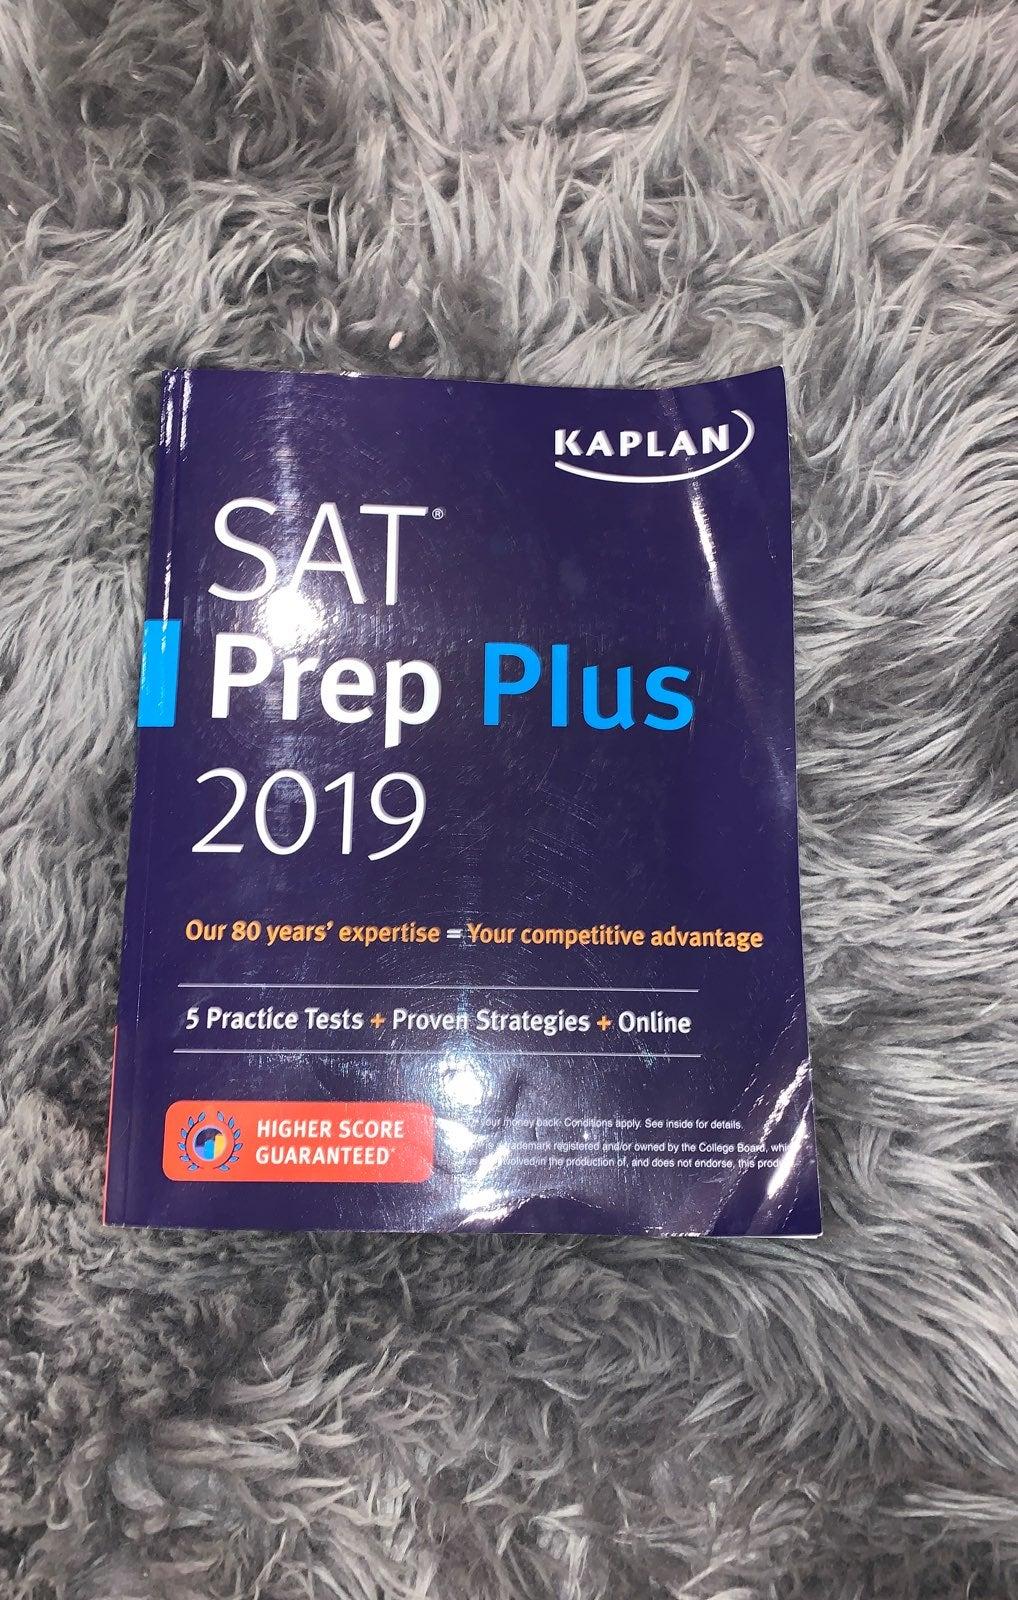 SAT prep plus